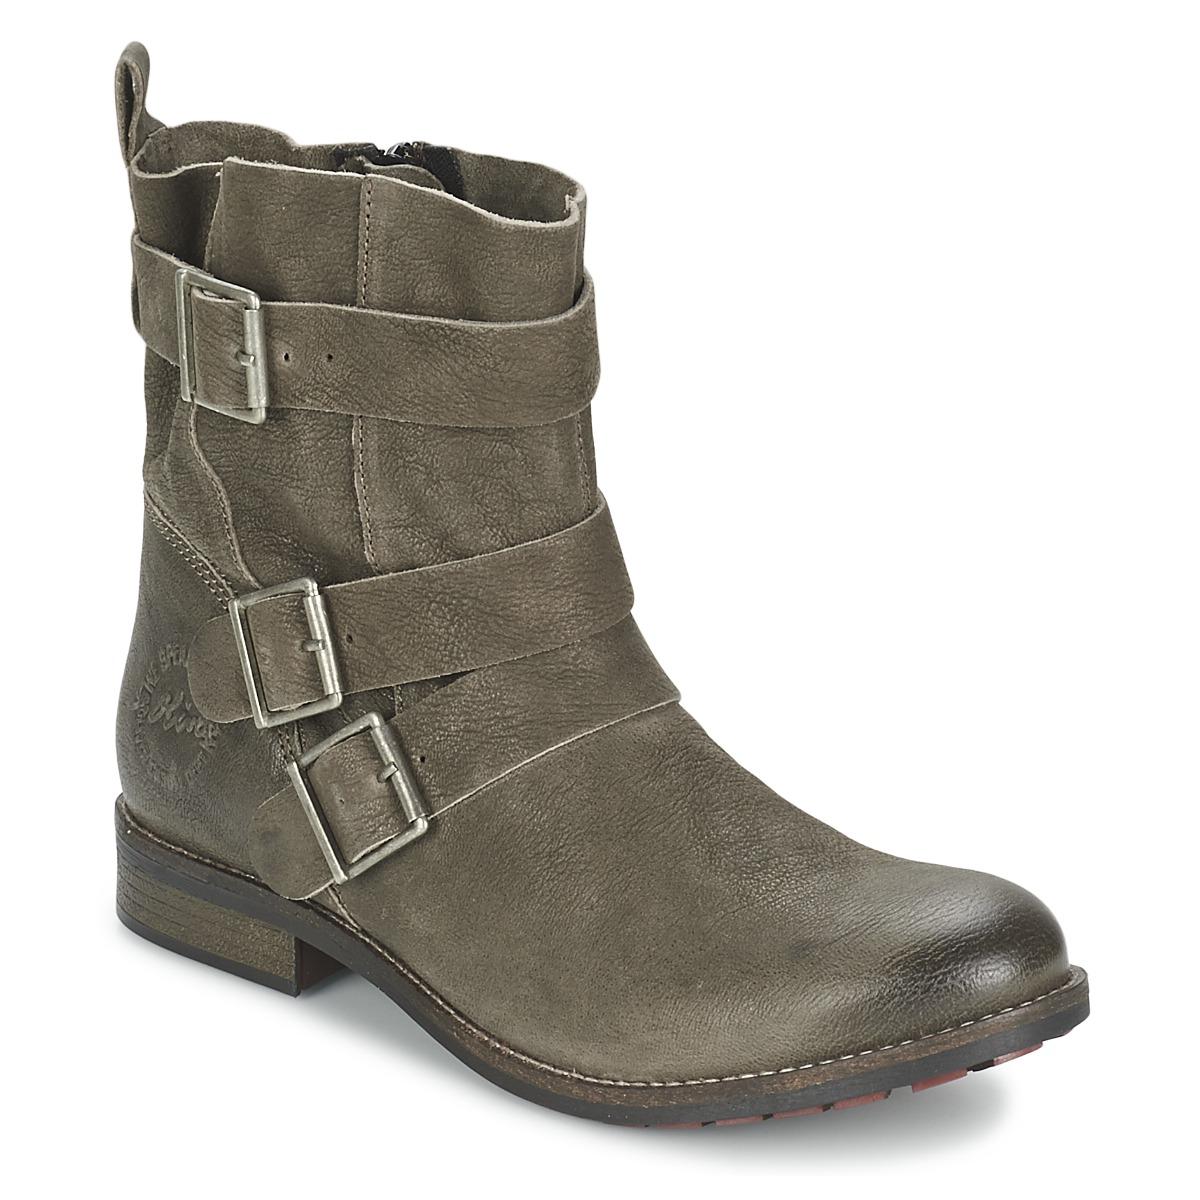 S.Oliver BEXUNE Marron - Livraison Gratuite avec Spartoo.com ! - Chaussures  Boot Femme 79,96 €